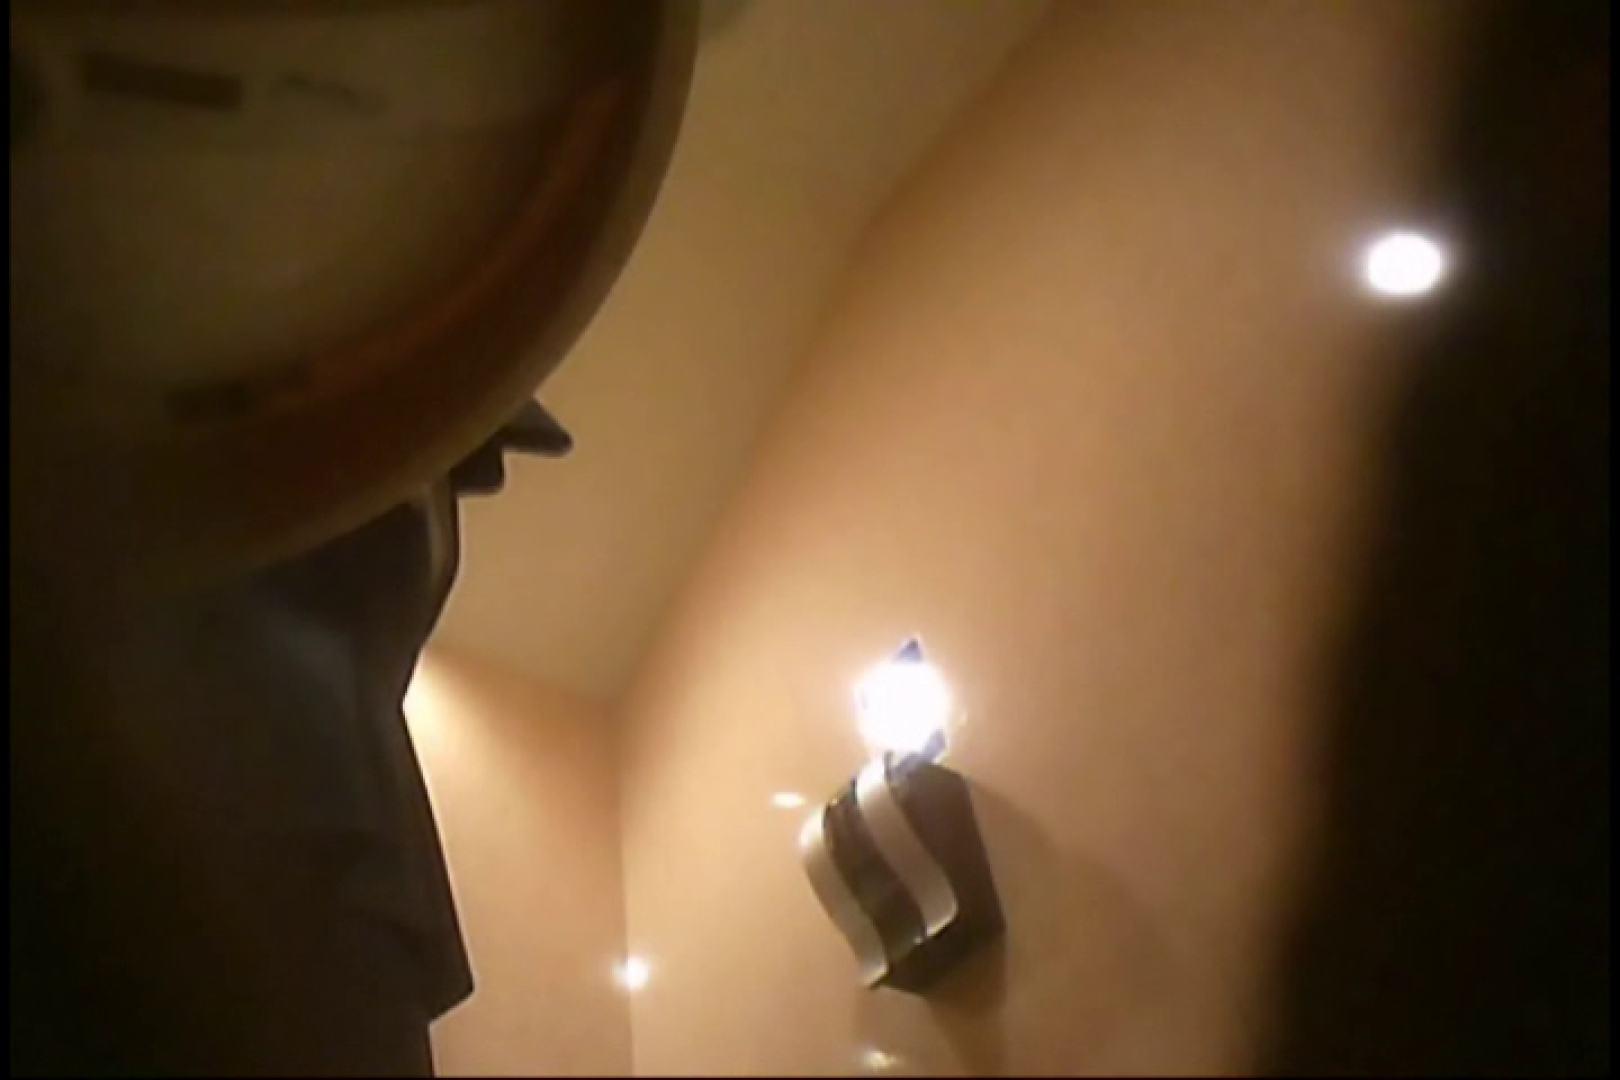 潜入!!女子化粧室盗撮~絶対見られたくない時間~vo,92 お尻 盗撮AV動画キャプチャ 86画像 27